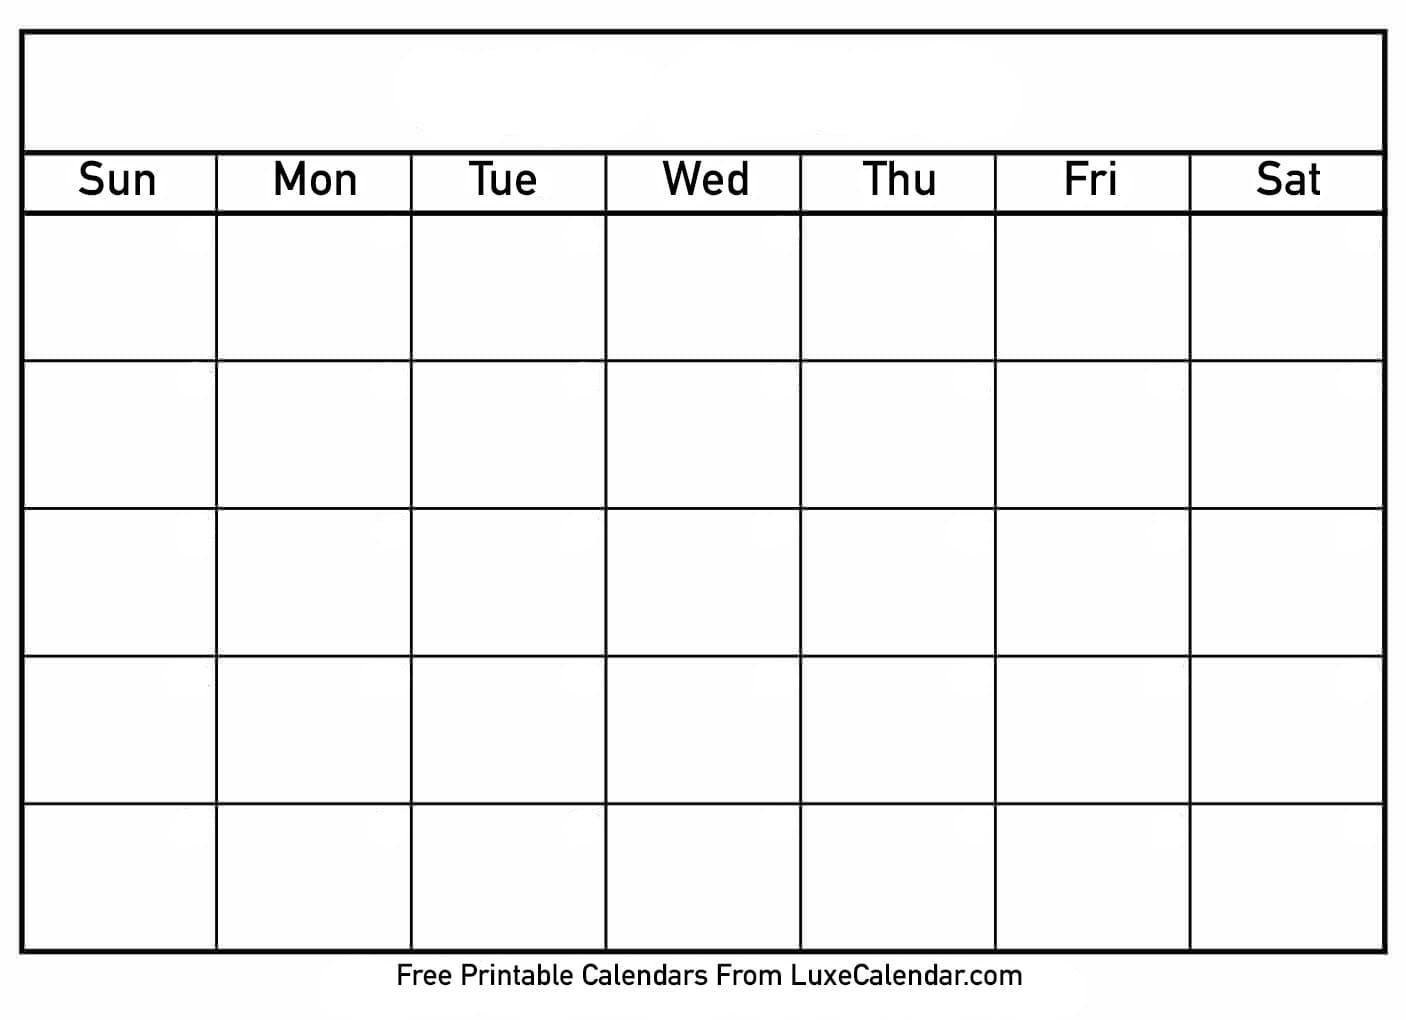 Blank Printable Calendar - Luxe Calendar with regard to Blank Calendar To Fill In Free